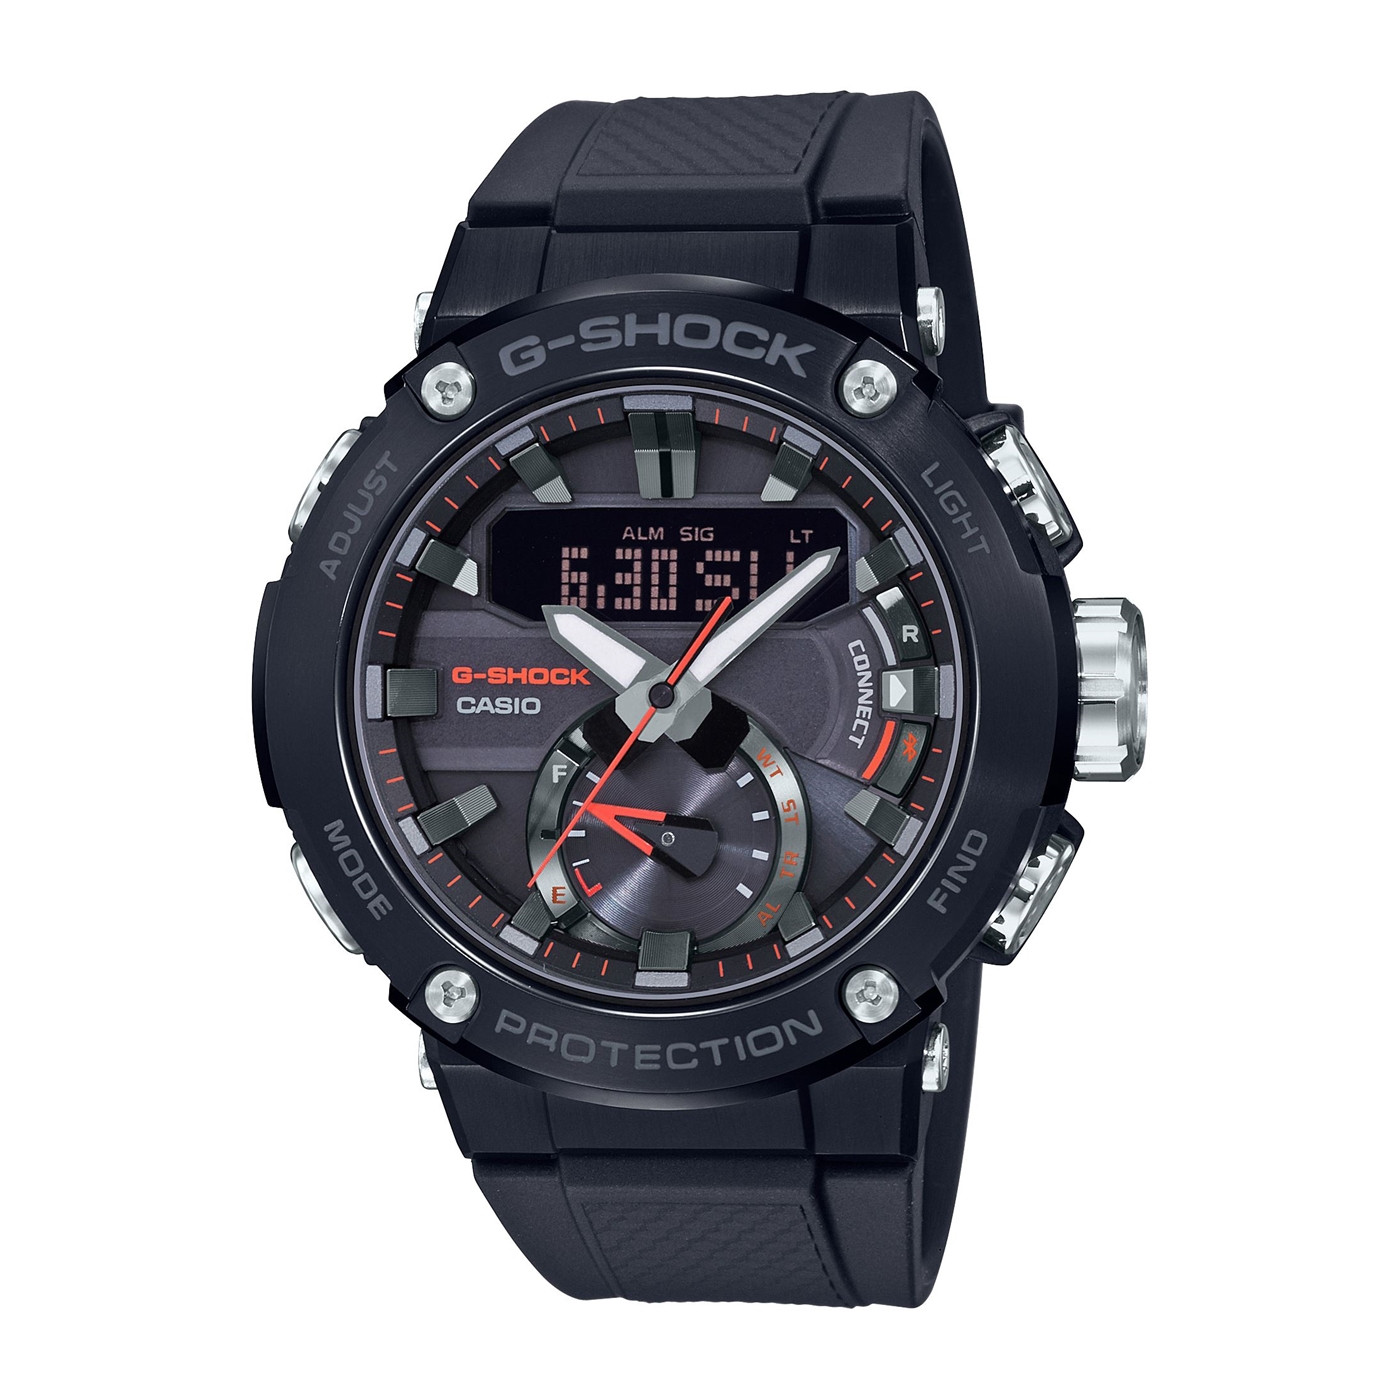 G SHOCK G Steel horloge online kopen Gratis verzending